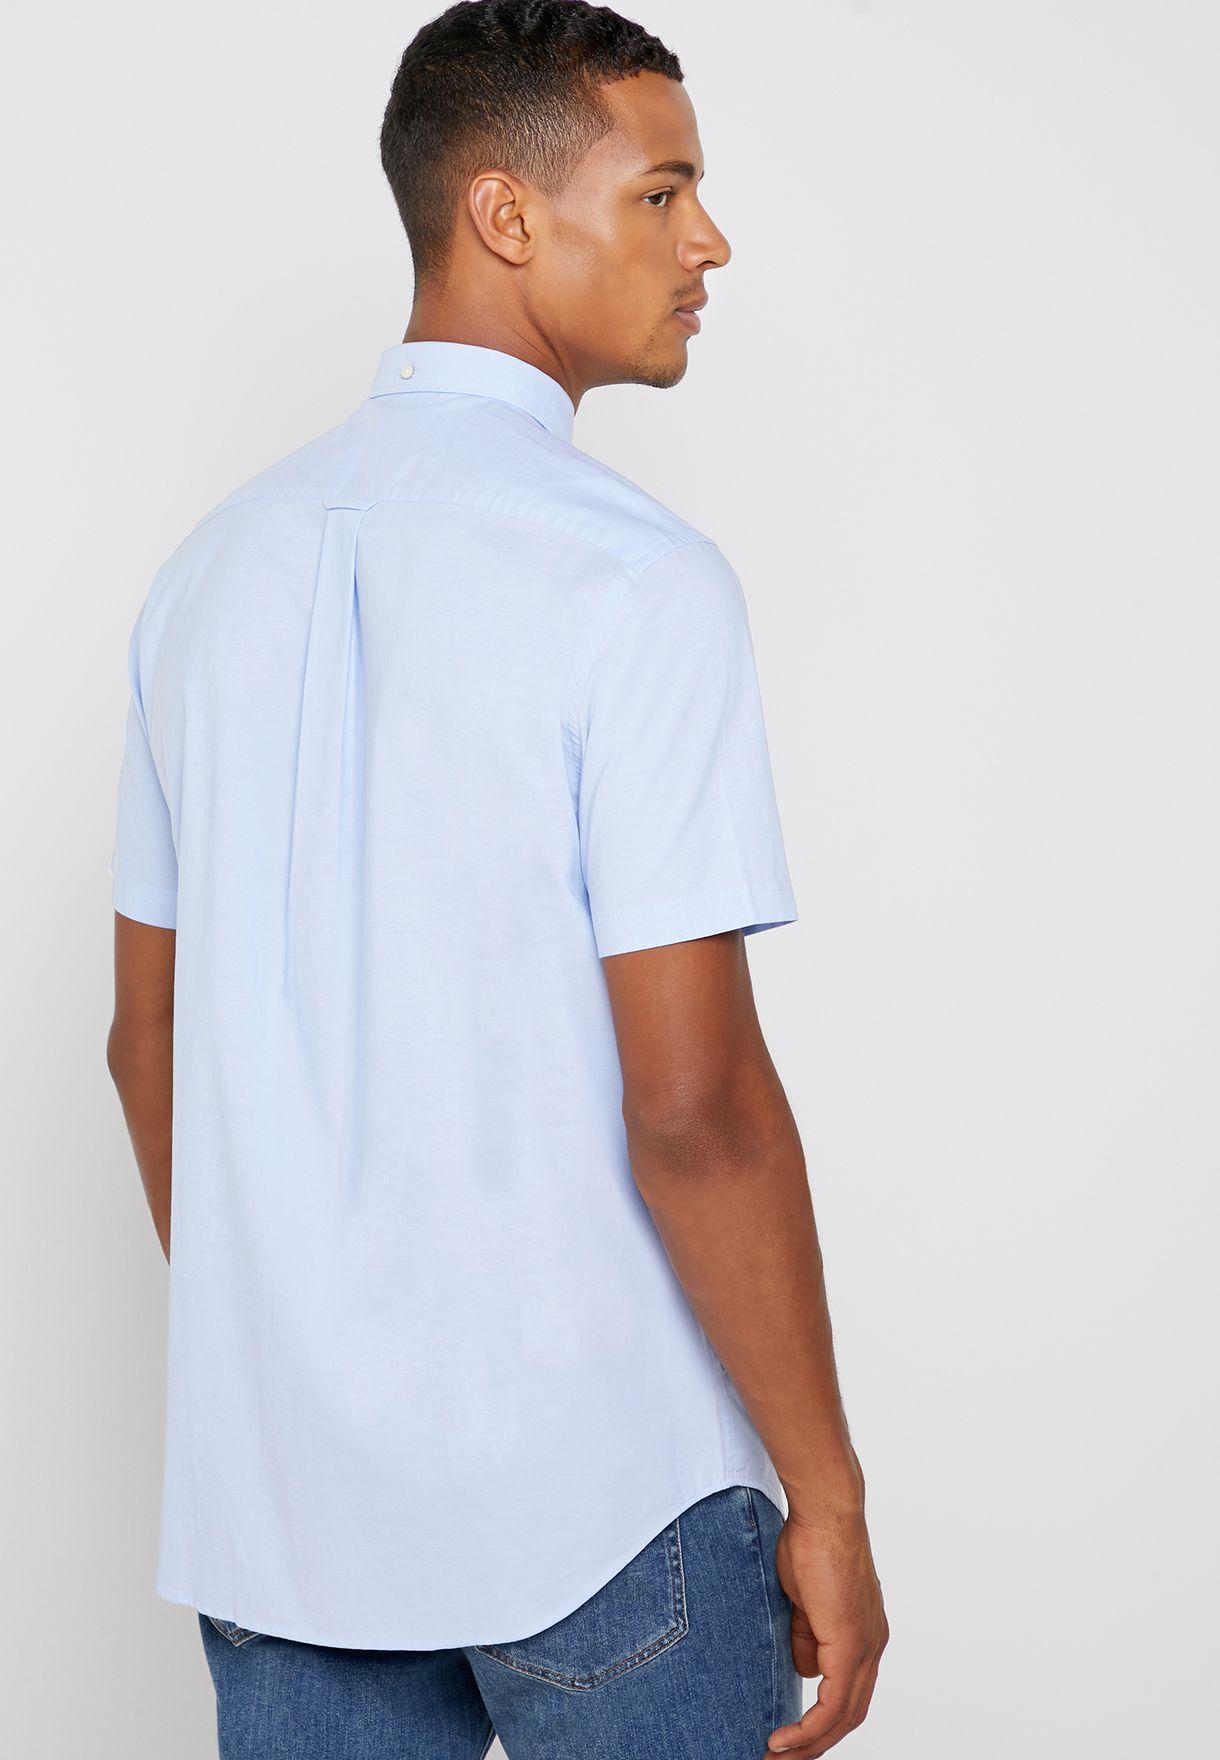 قميص كلاسيكي من القطن الخالص